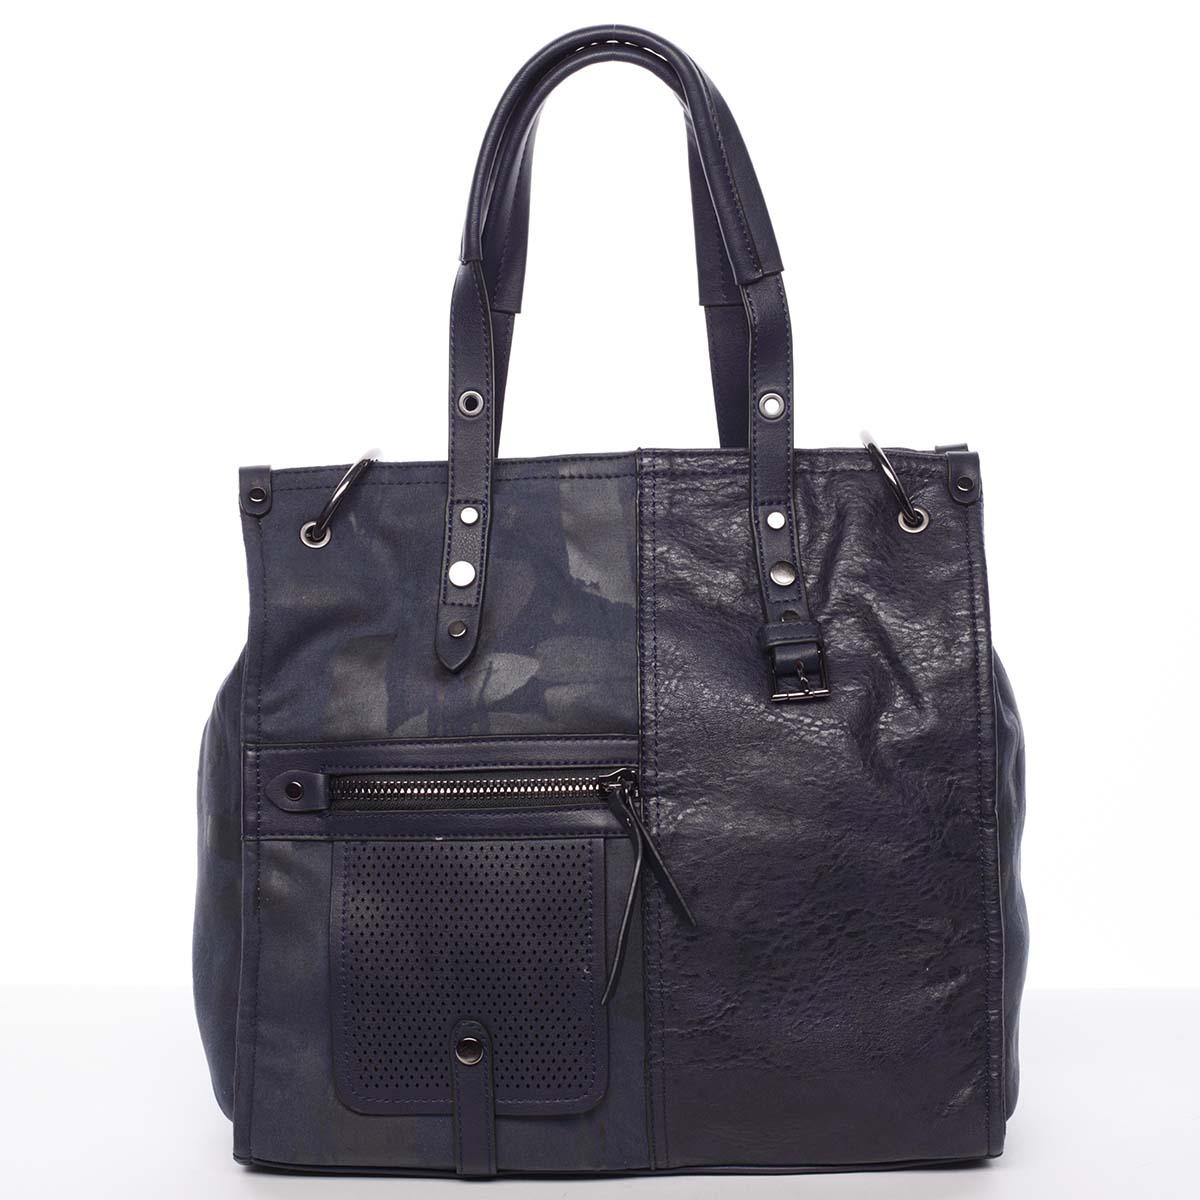 Nadčasová dámská kabelka do ruky modrá - MARIA C Jemma